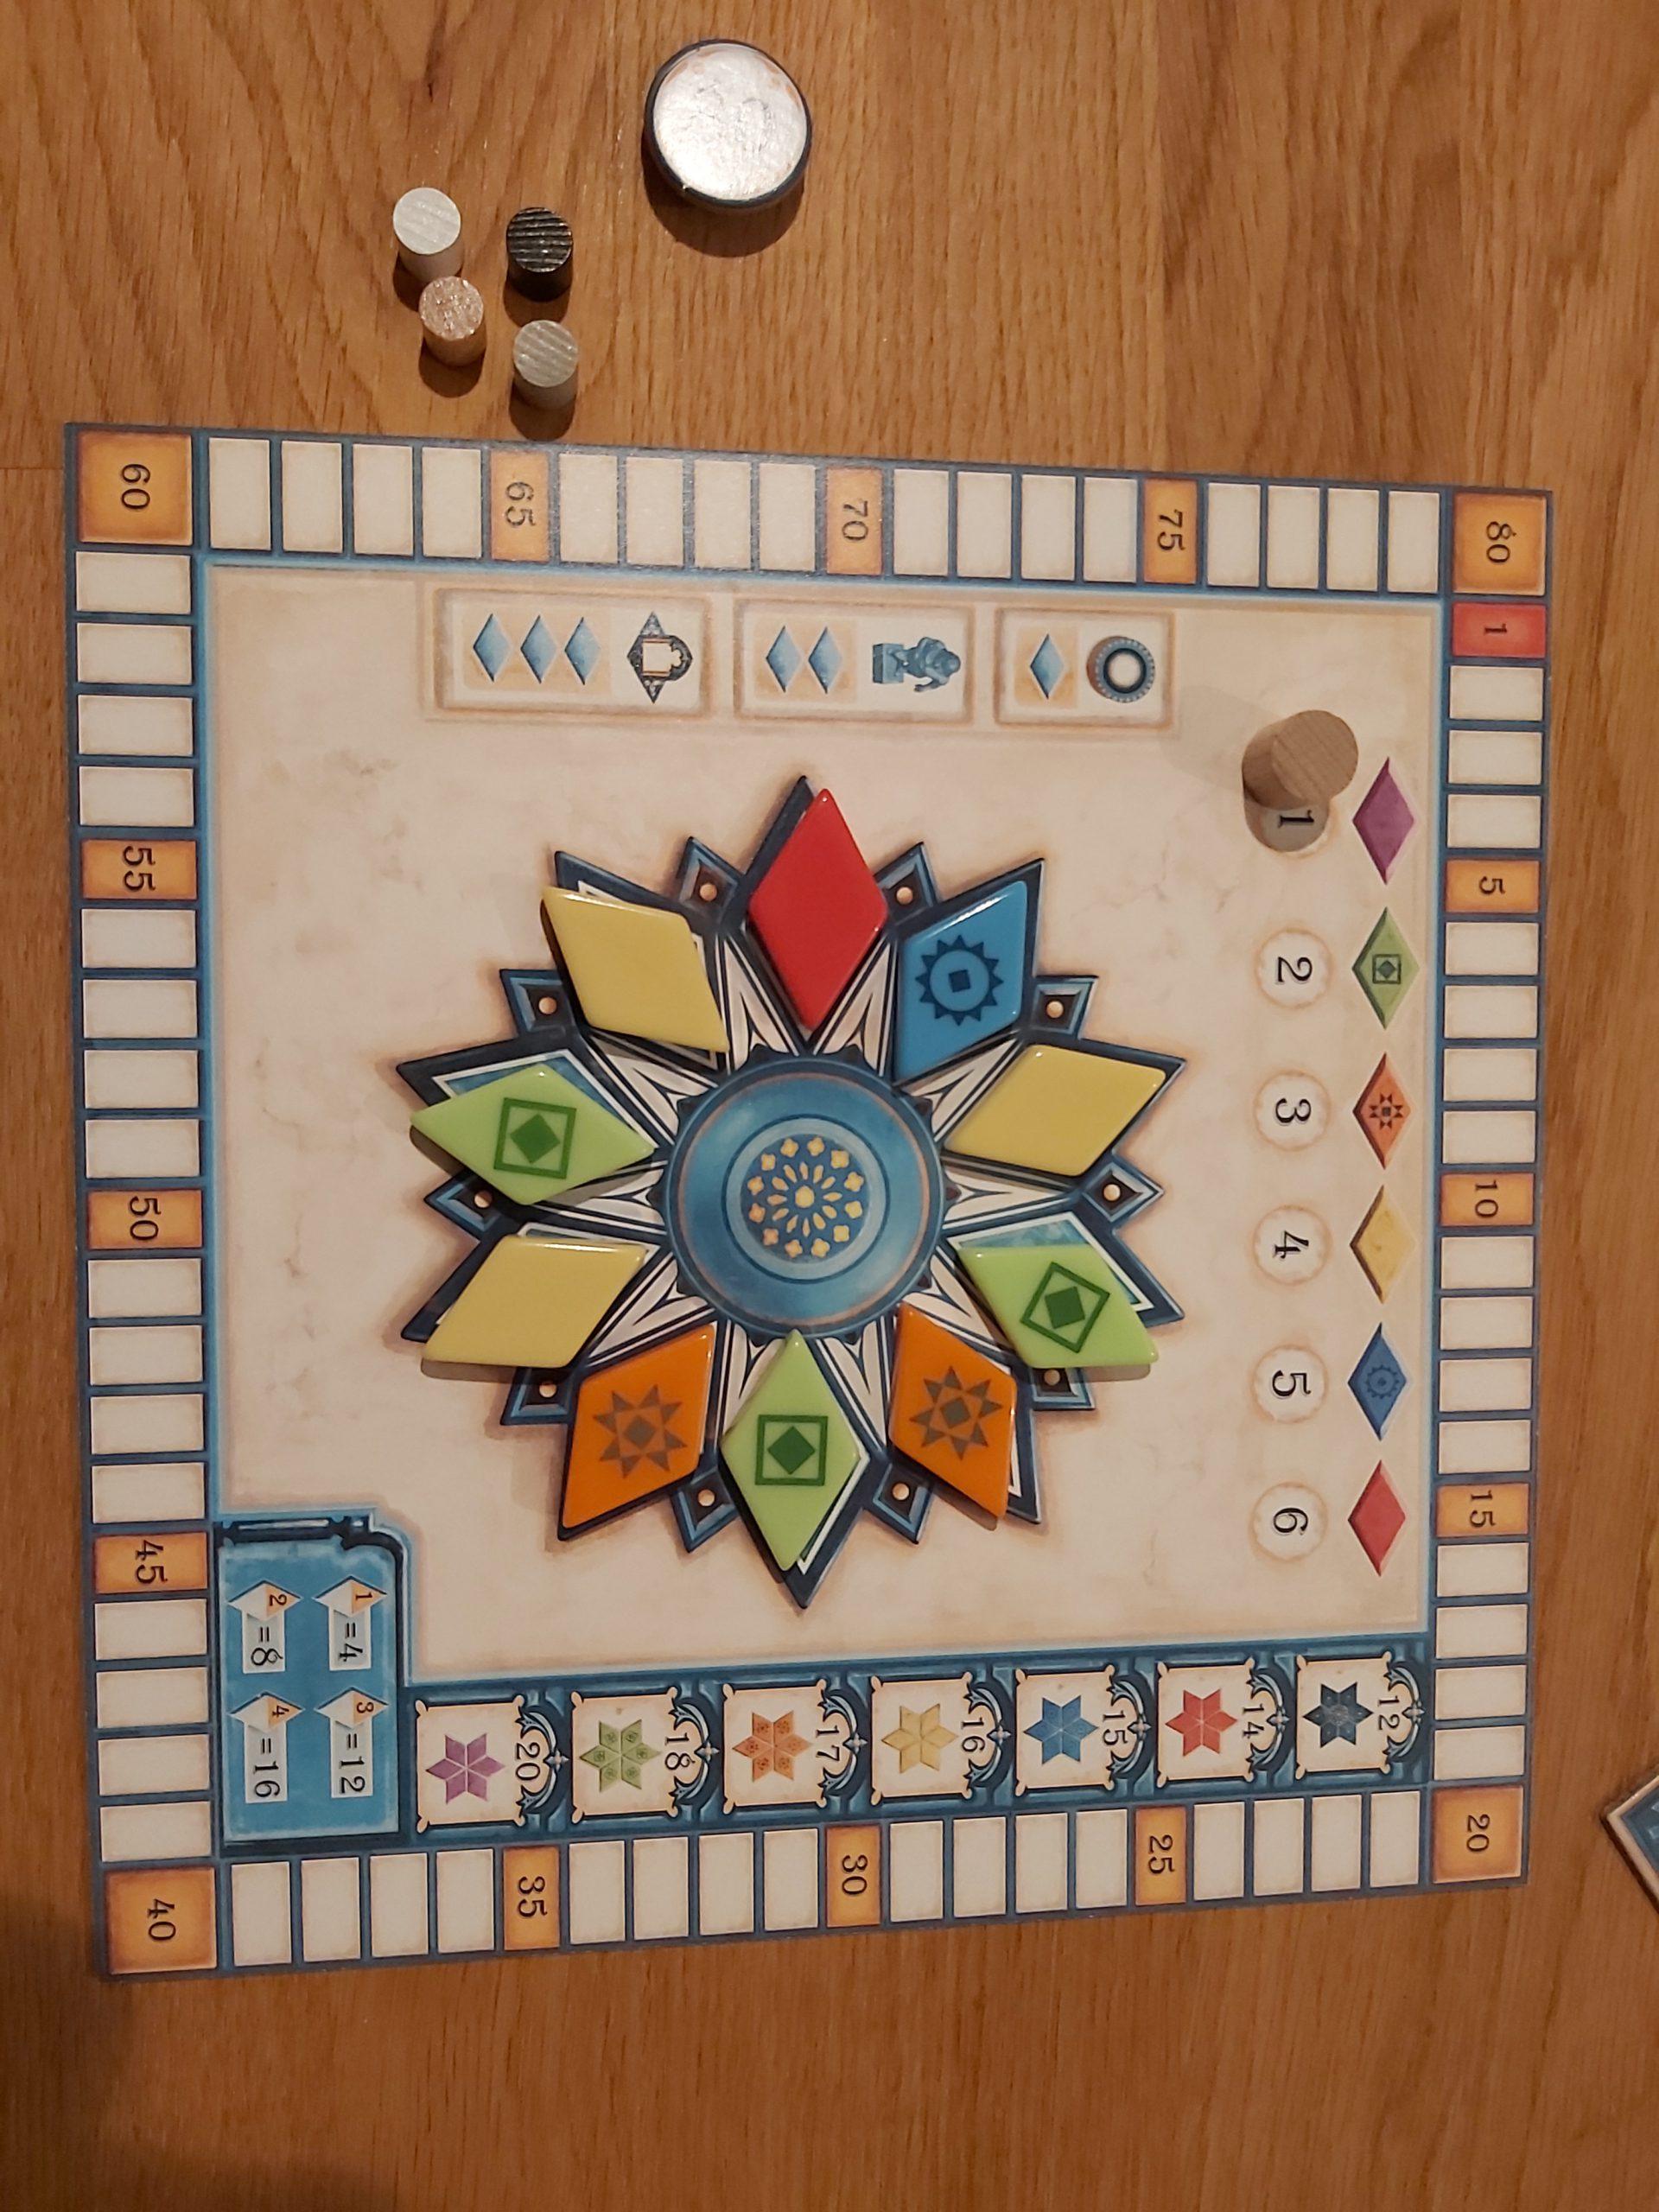 Zu sehen ist das Tableau von Azul, auf dem die Punkte festgehalten werden und die Fliesen abgelegt sind, die man zur Belohnung nehmen darf.